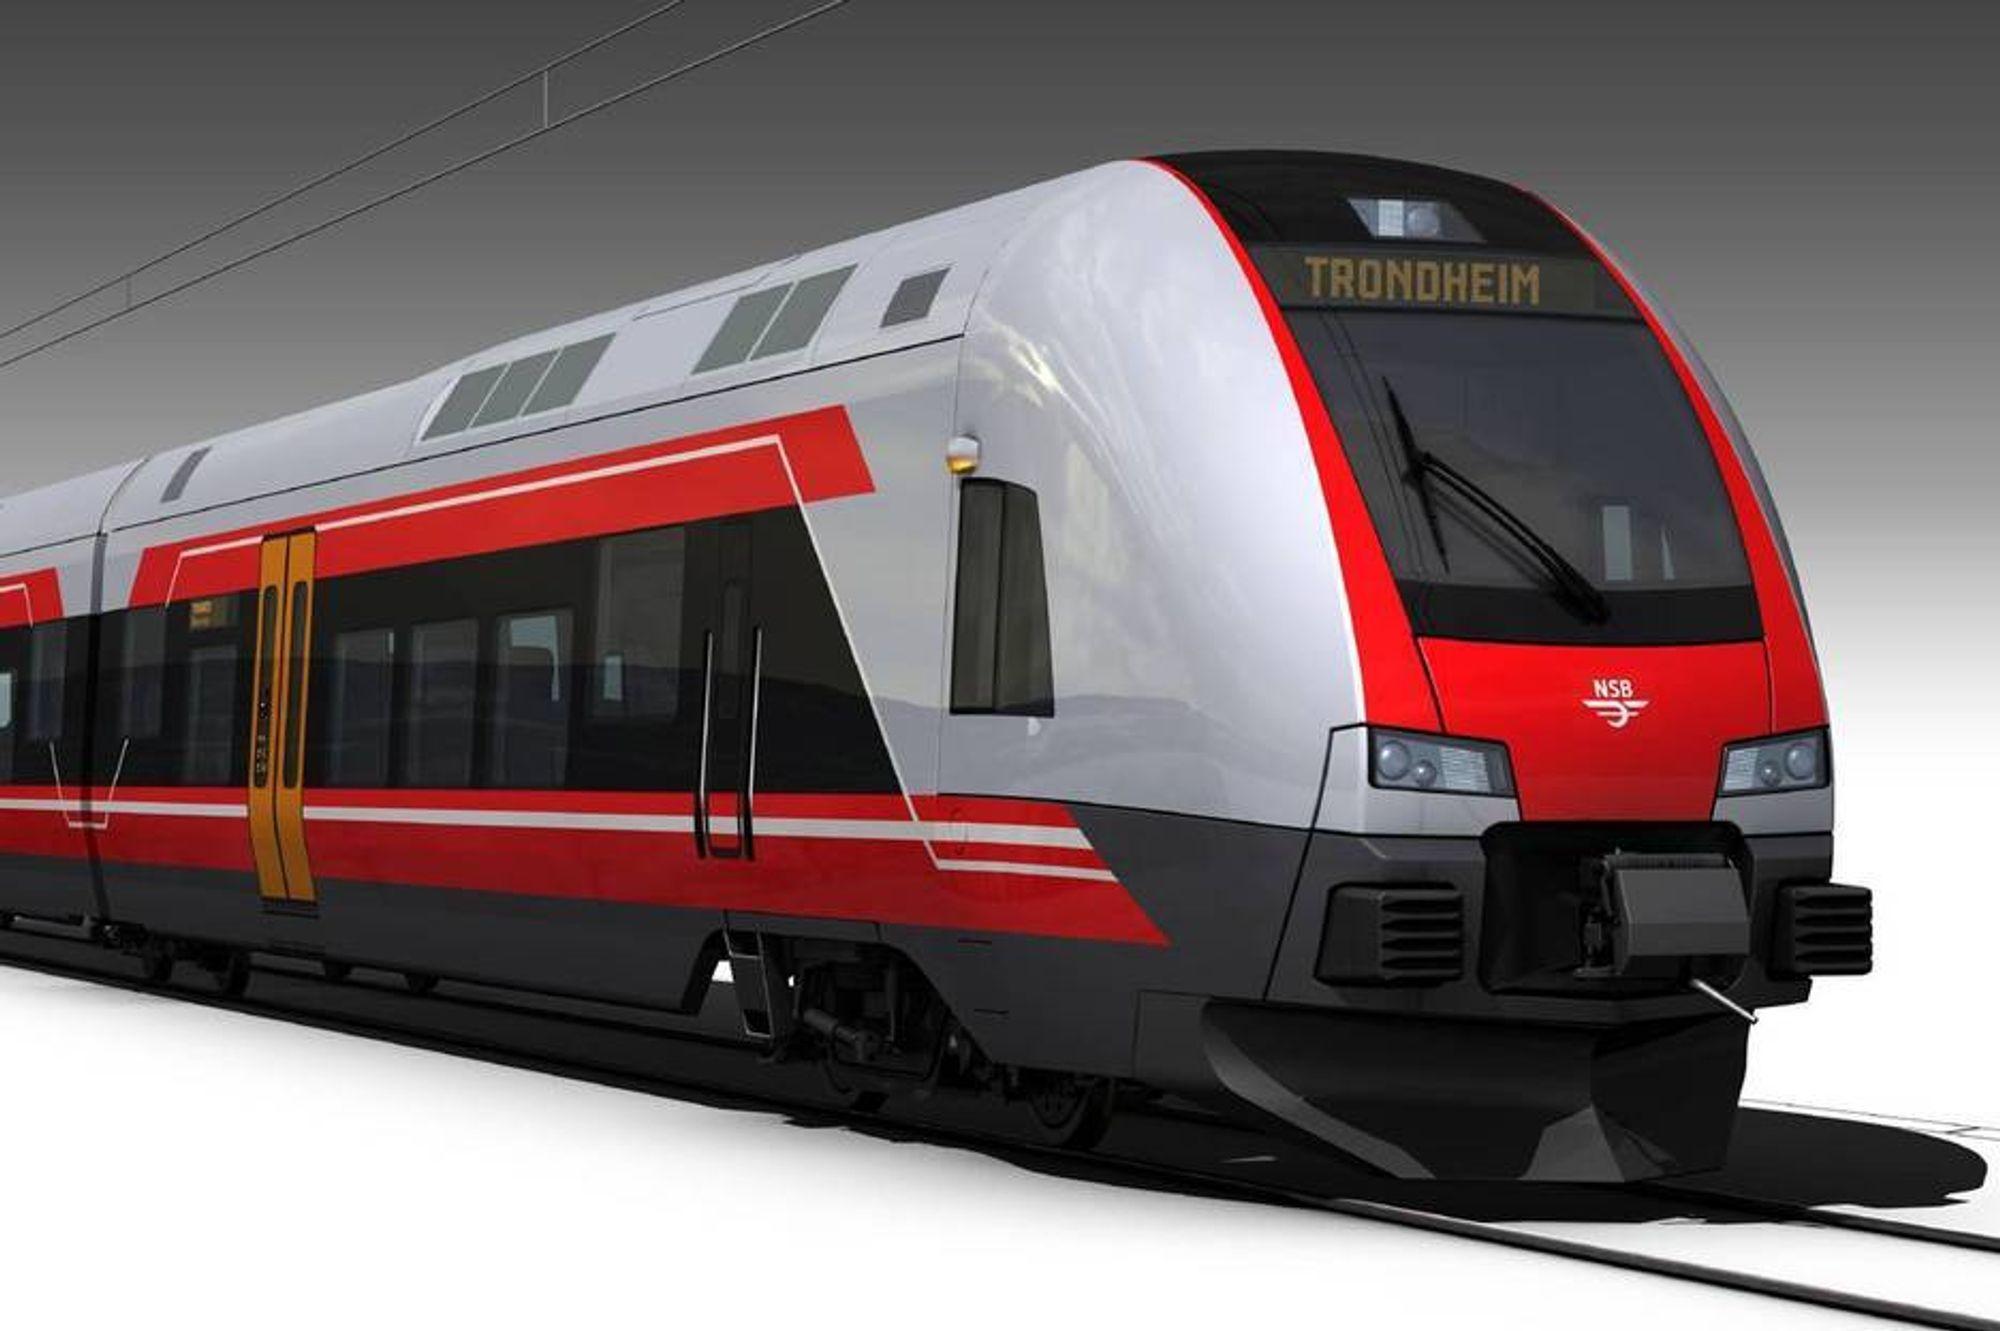 9 av 10 tog i Norge er i rute, ifølge Jernbaneverket.